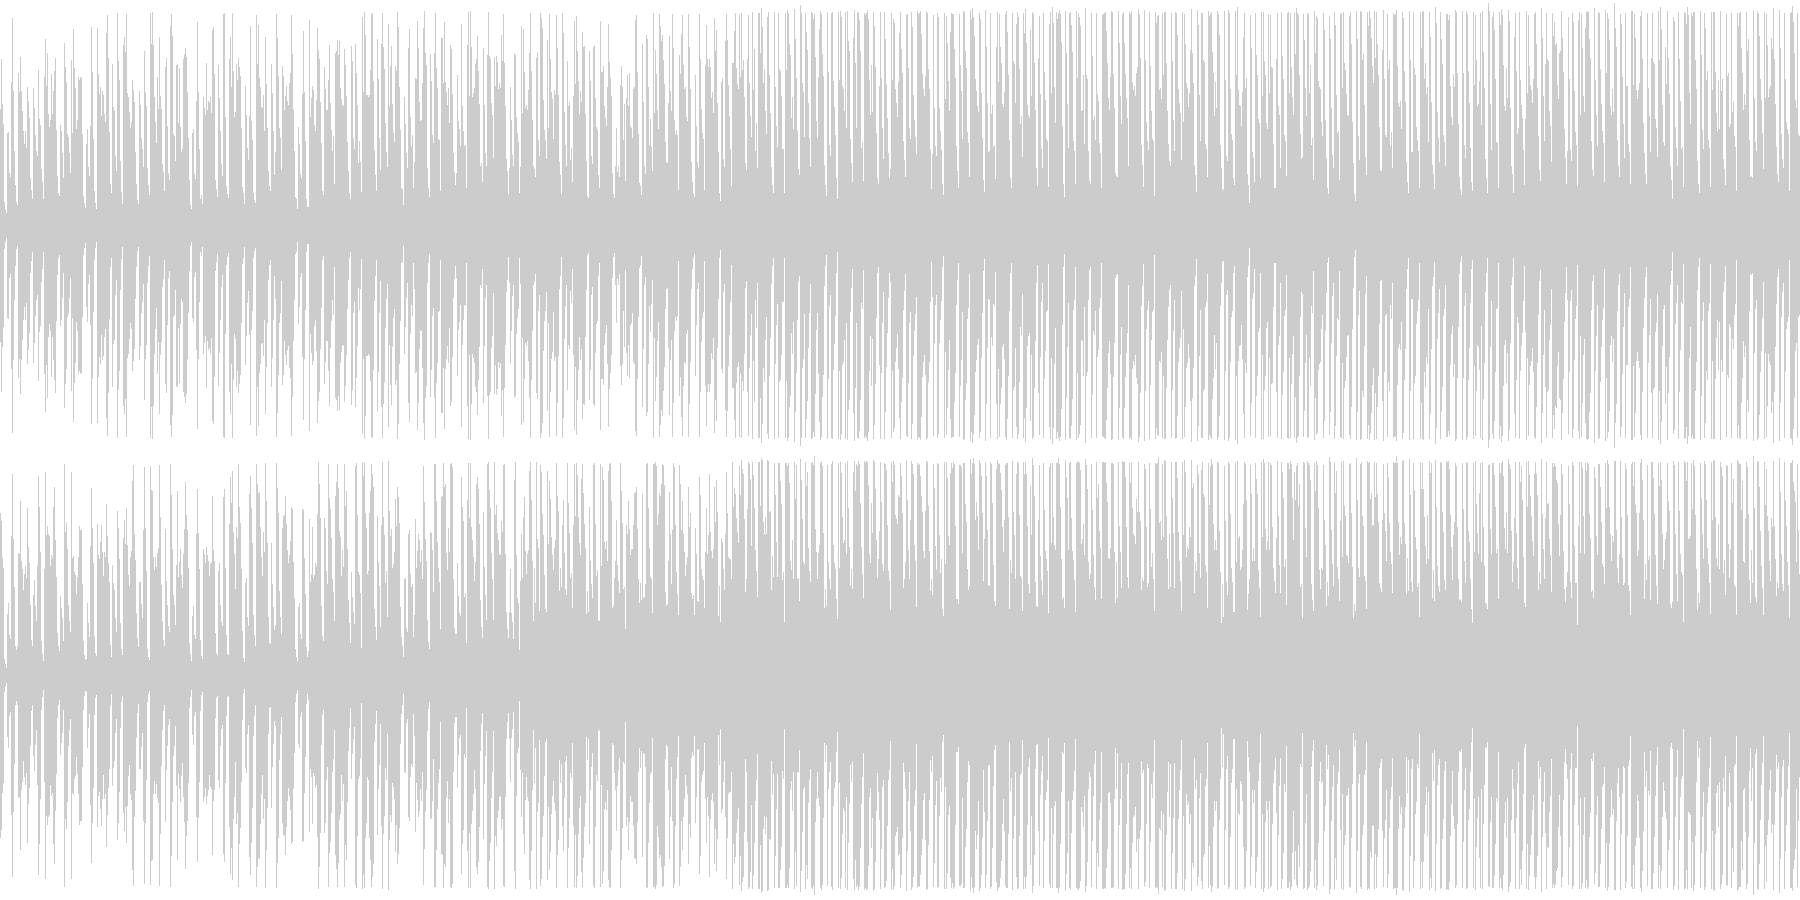 明るいほのぼのアンサンブルの未再生の波形